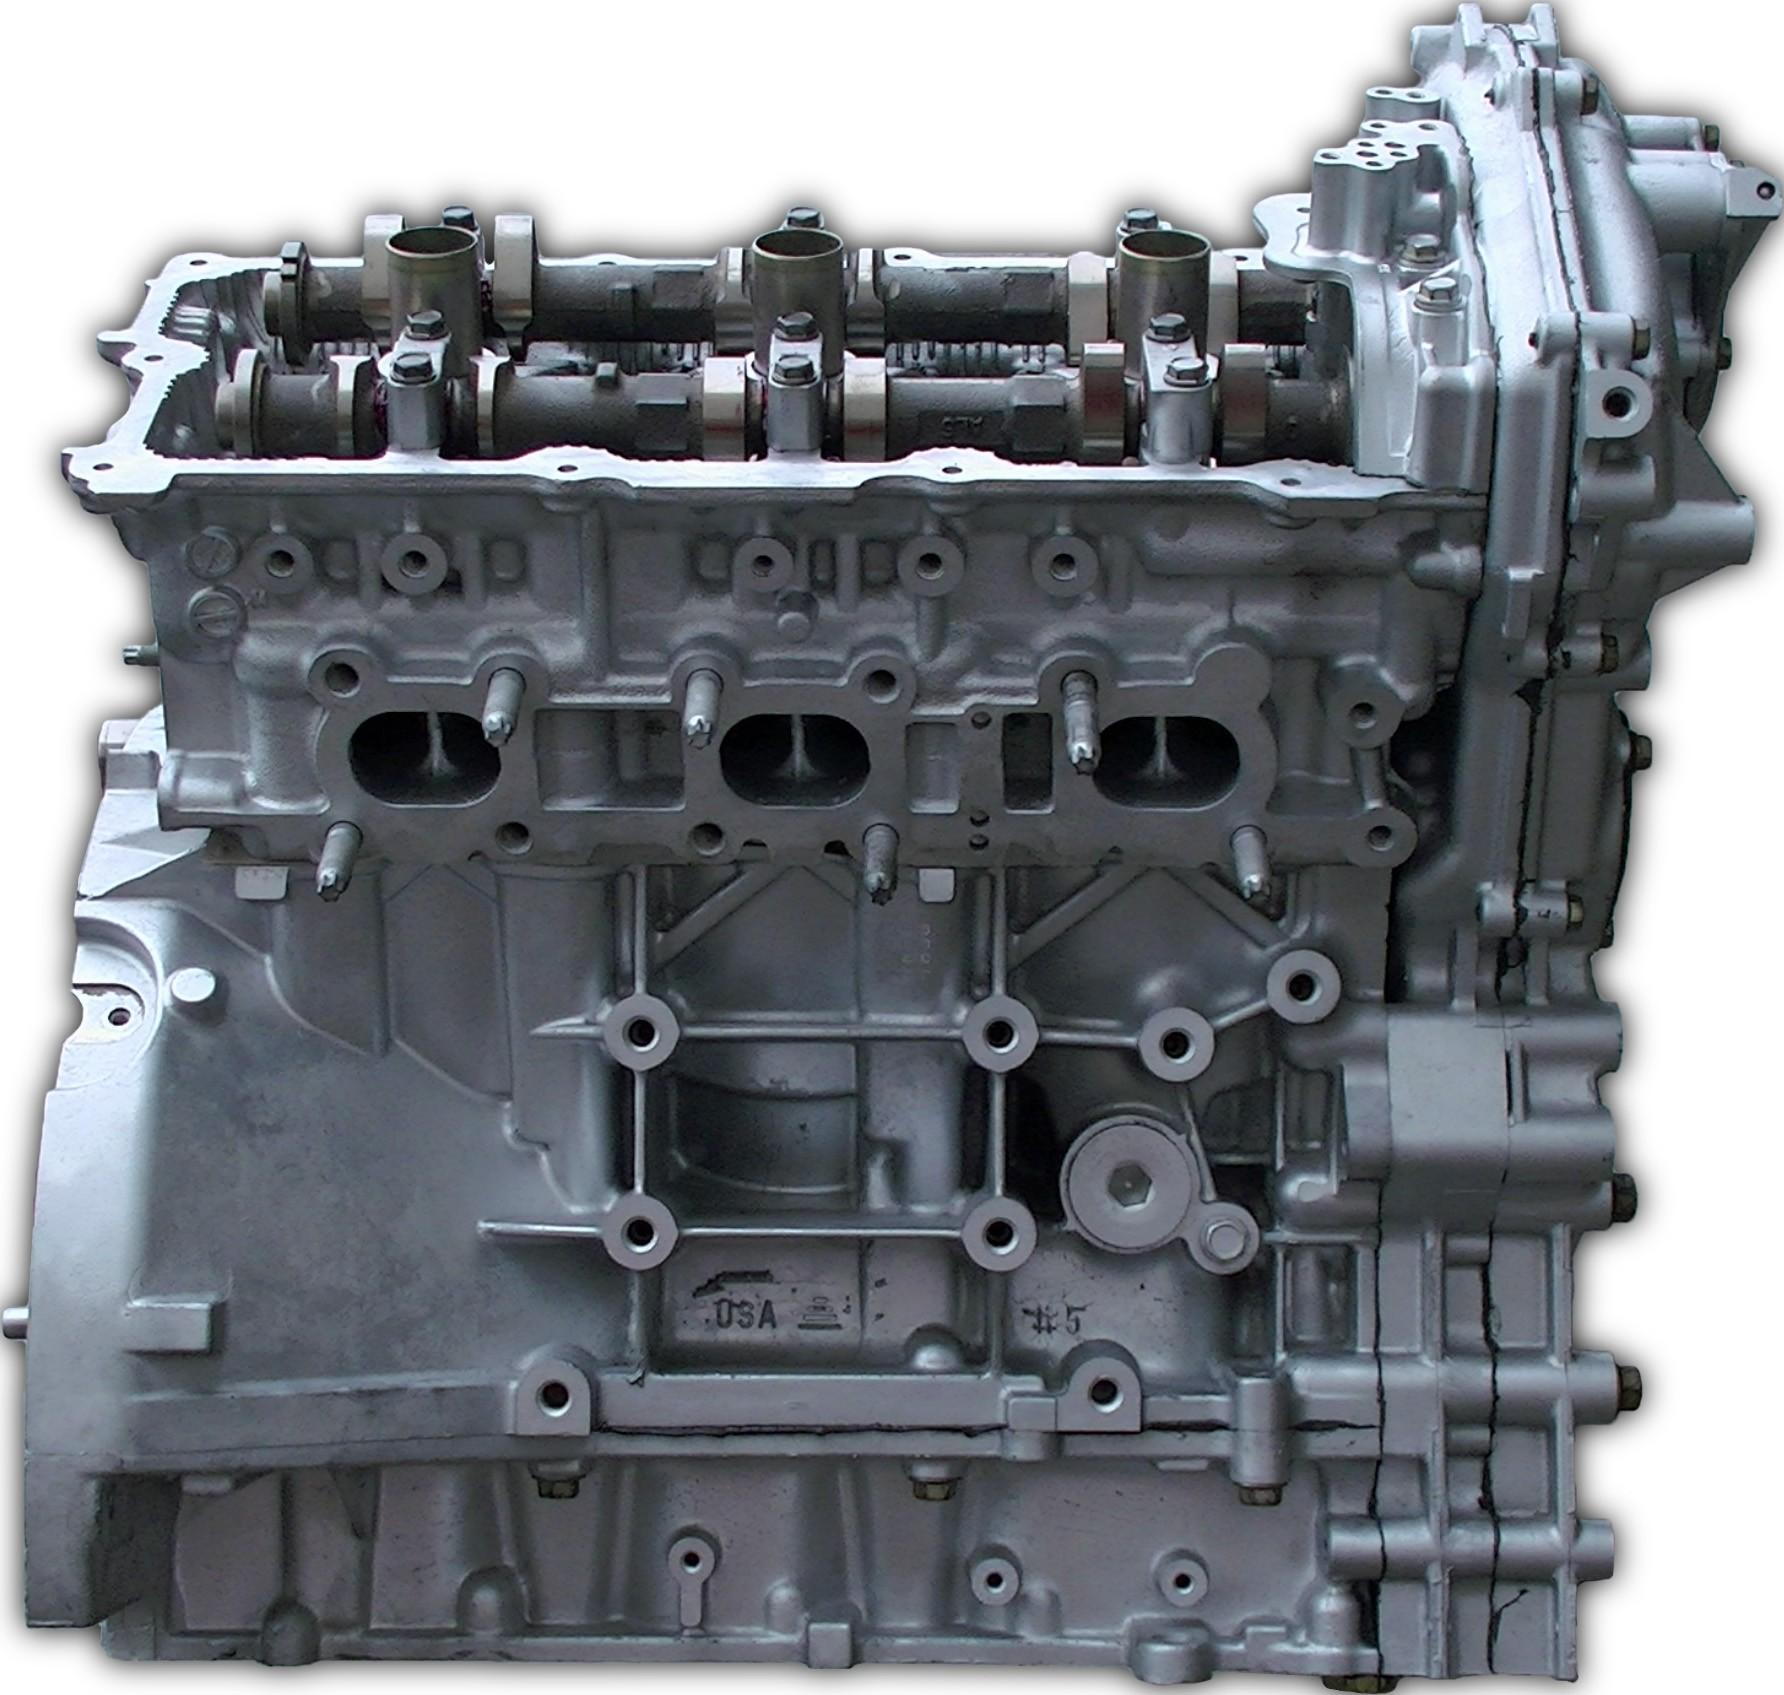 rebuilt 09 12 nissan pathfinder 4 0l v6 vq40de engine. Black Bedroom Furniture Sets. Home Design Ideas